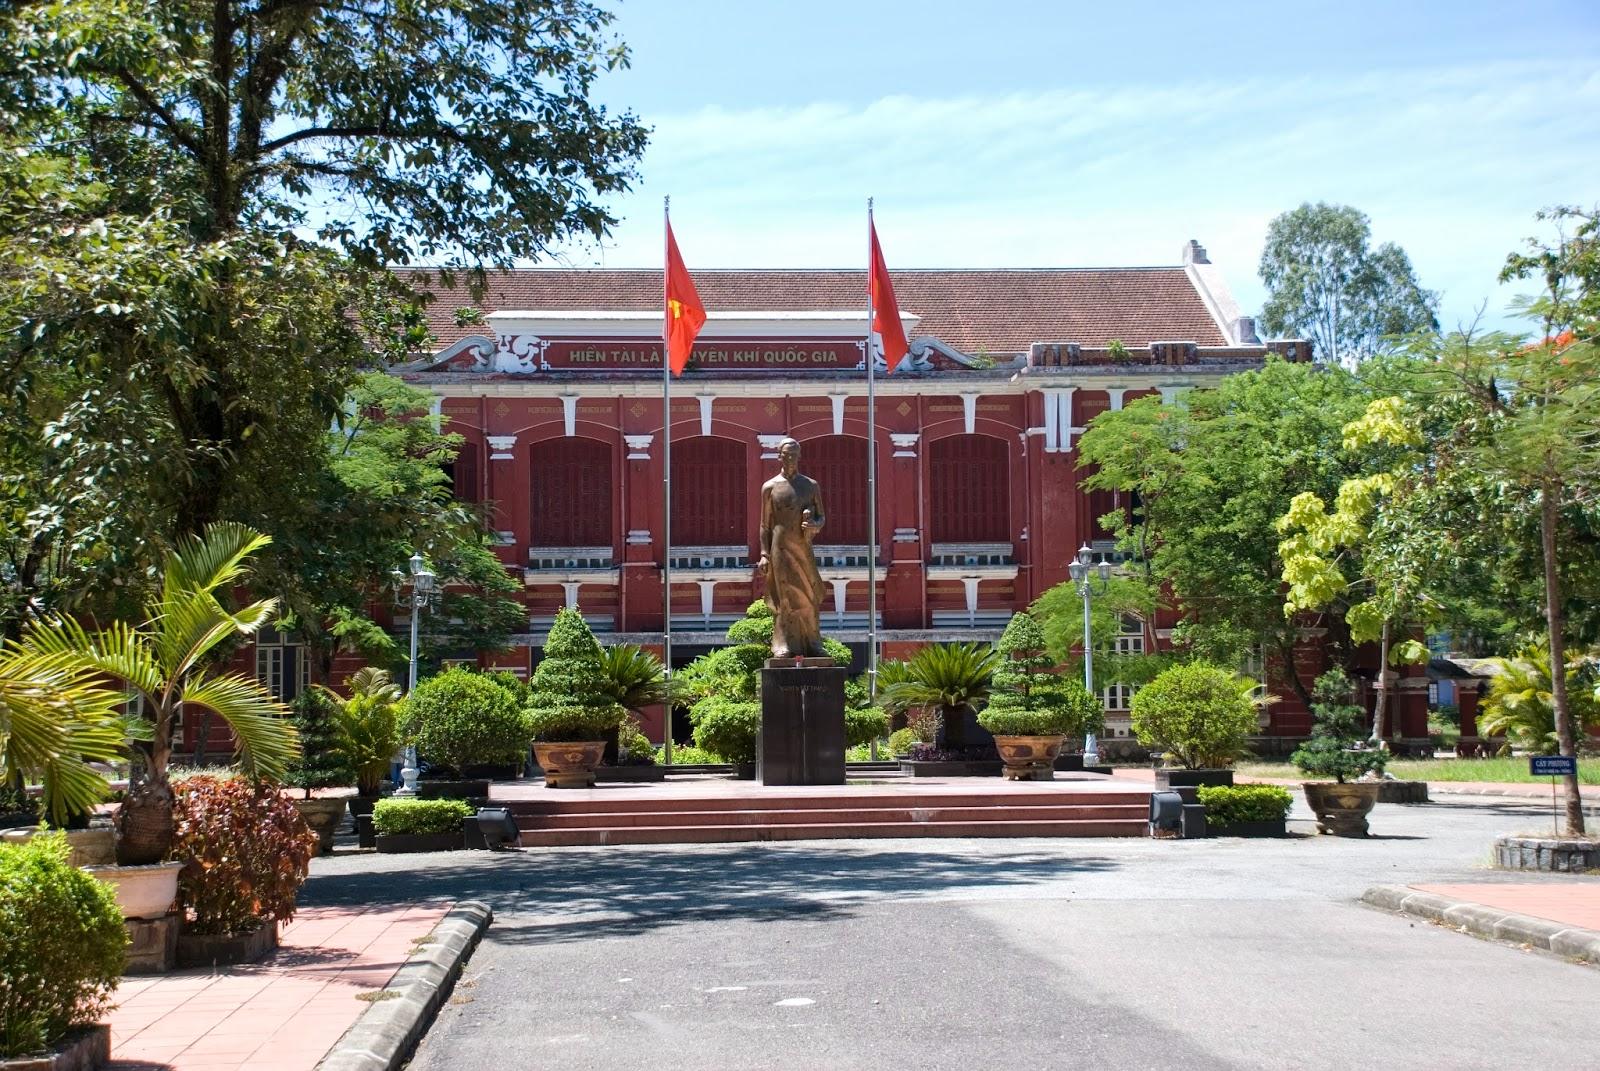 National high school (Trường Quốc Học Huế)